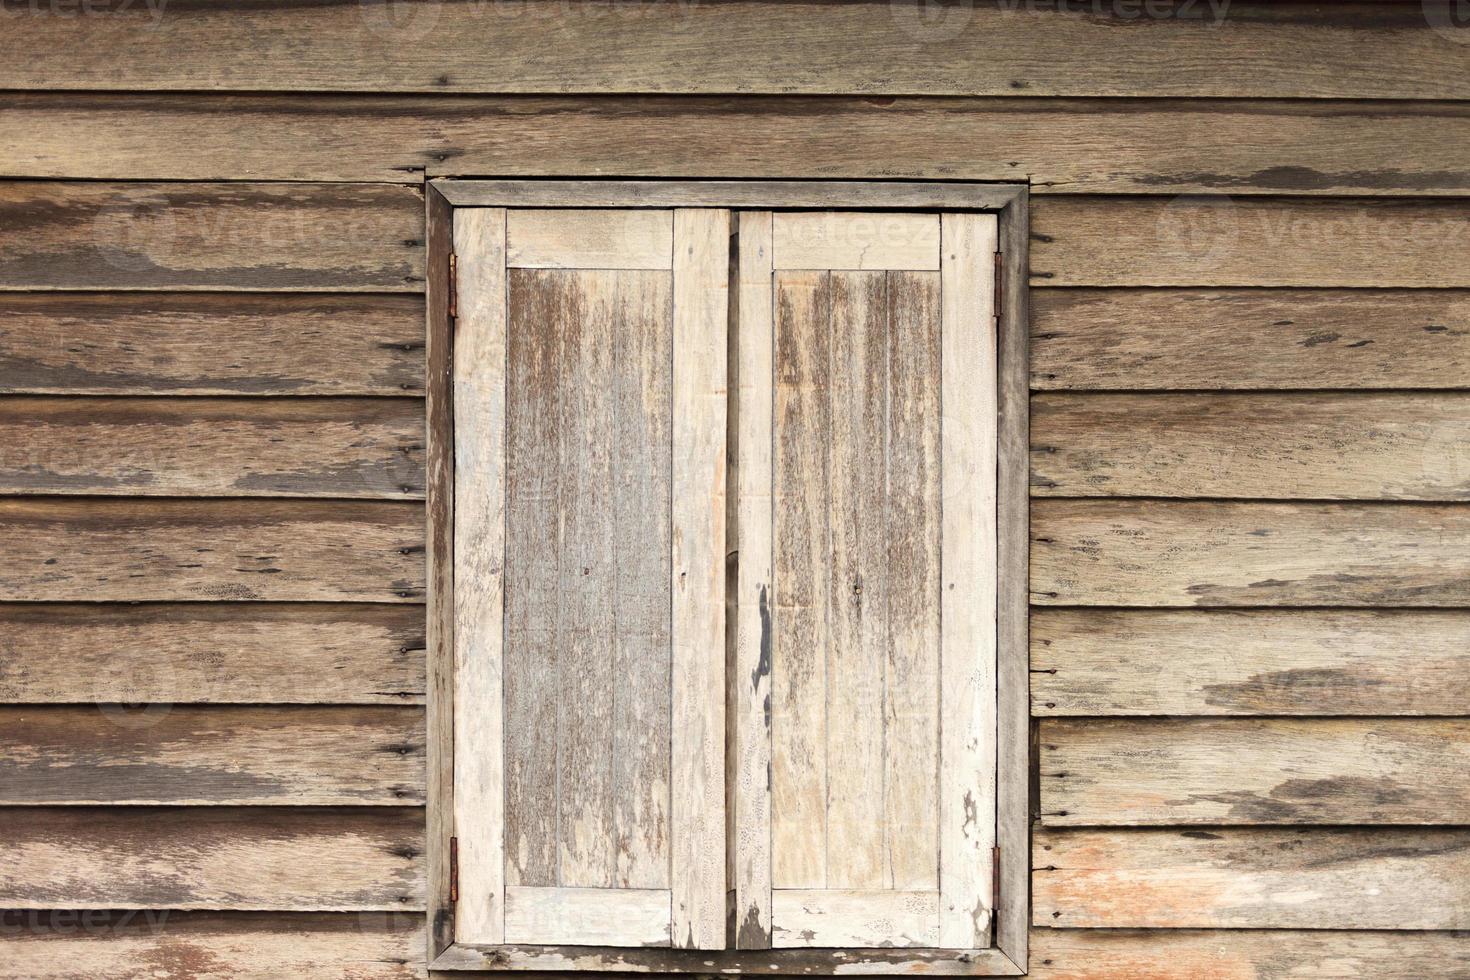 fondo de madera de ventana de pared foto